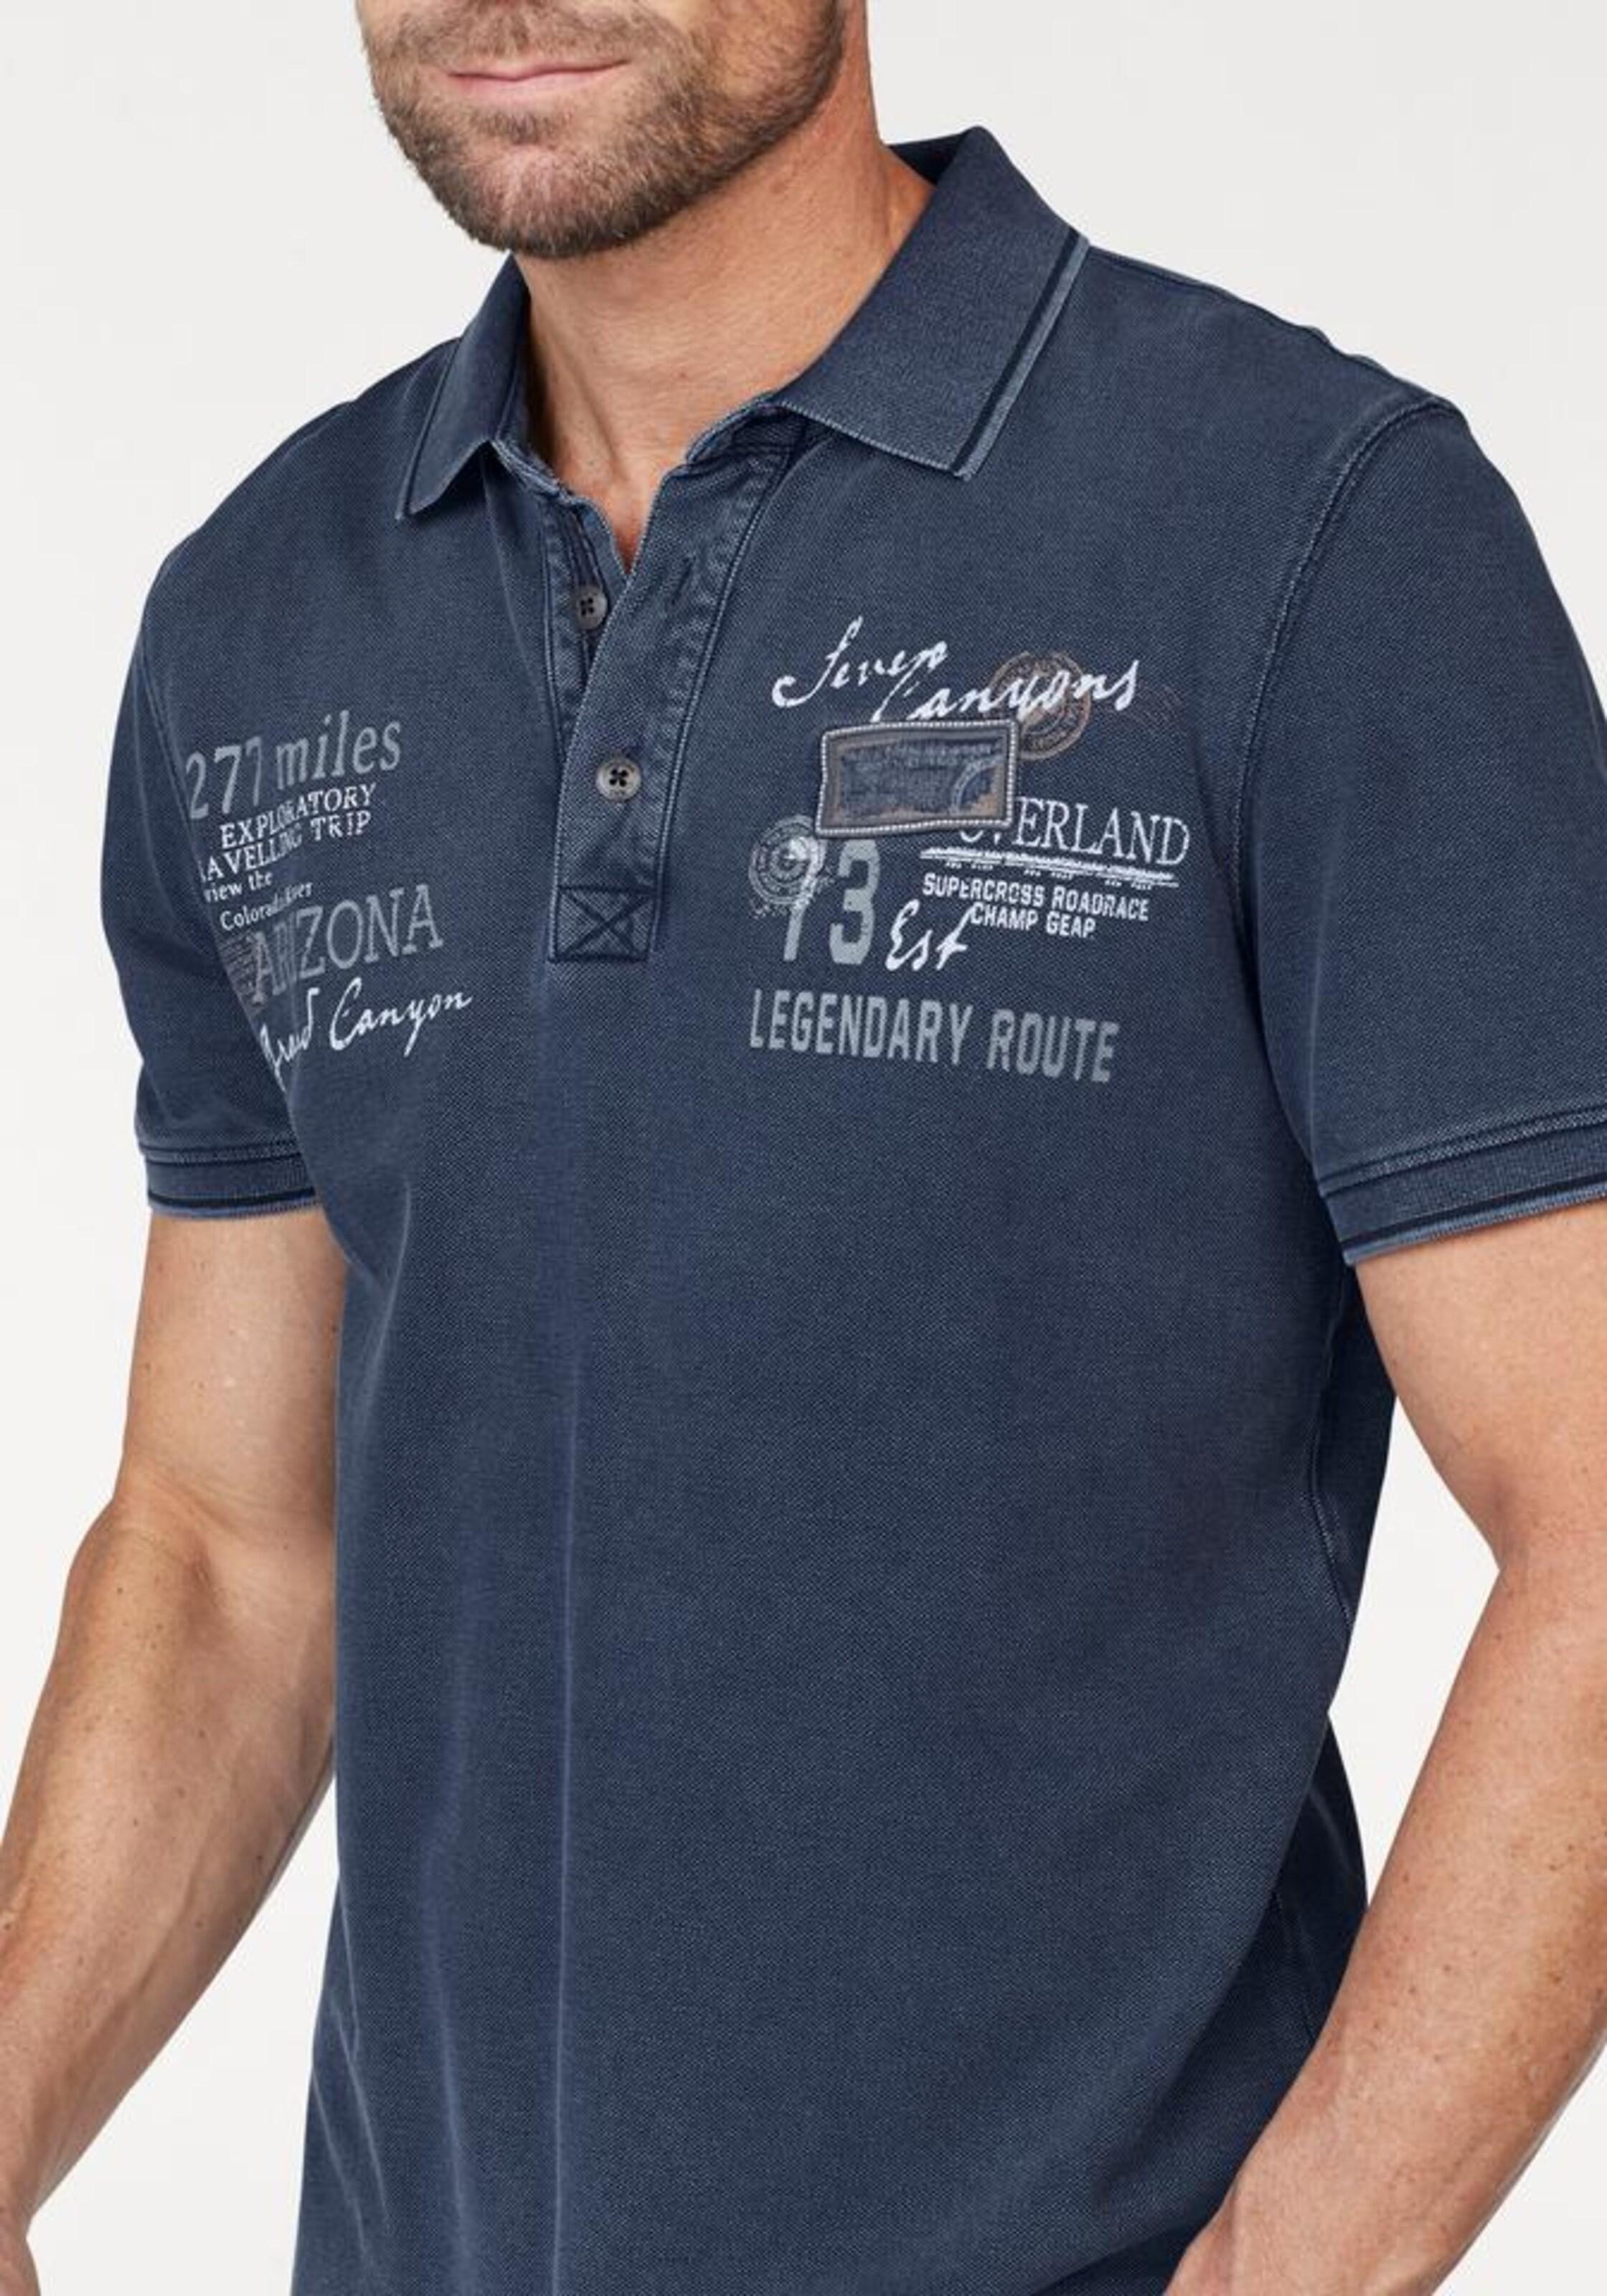 ARIZONA Poloshirt Genießen Zu Verkaufen Eastbay Online Rabatt Wählen Eine Beste Auslass 100% Authentisch bT3AqSIDZT